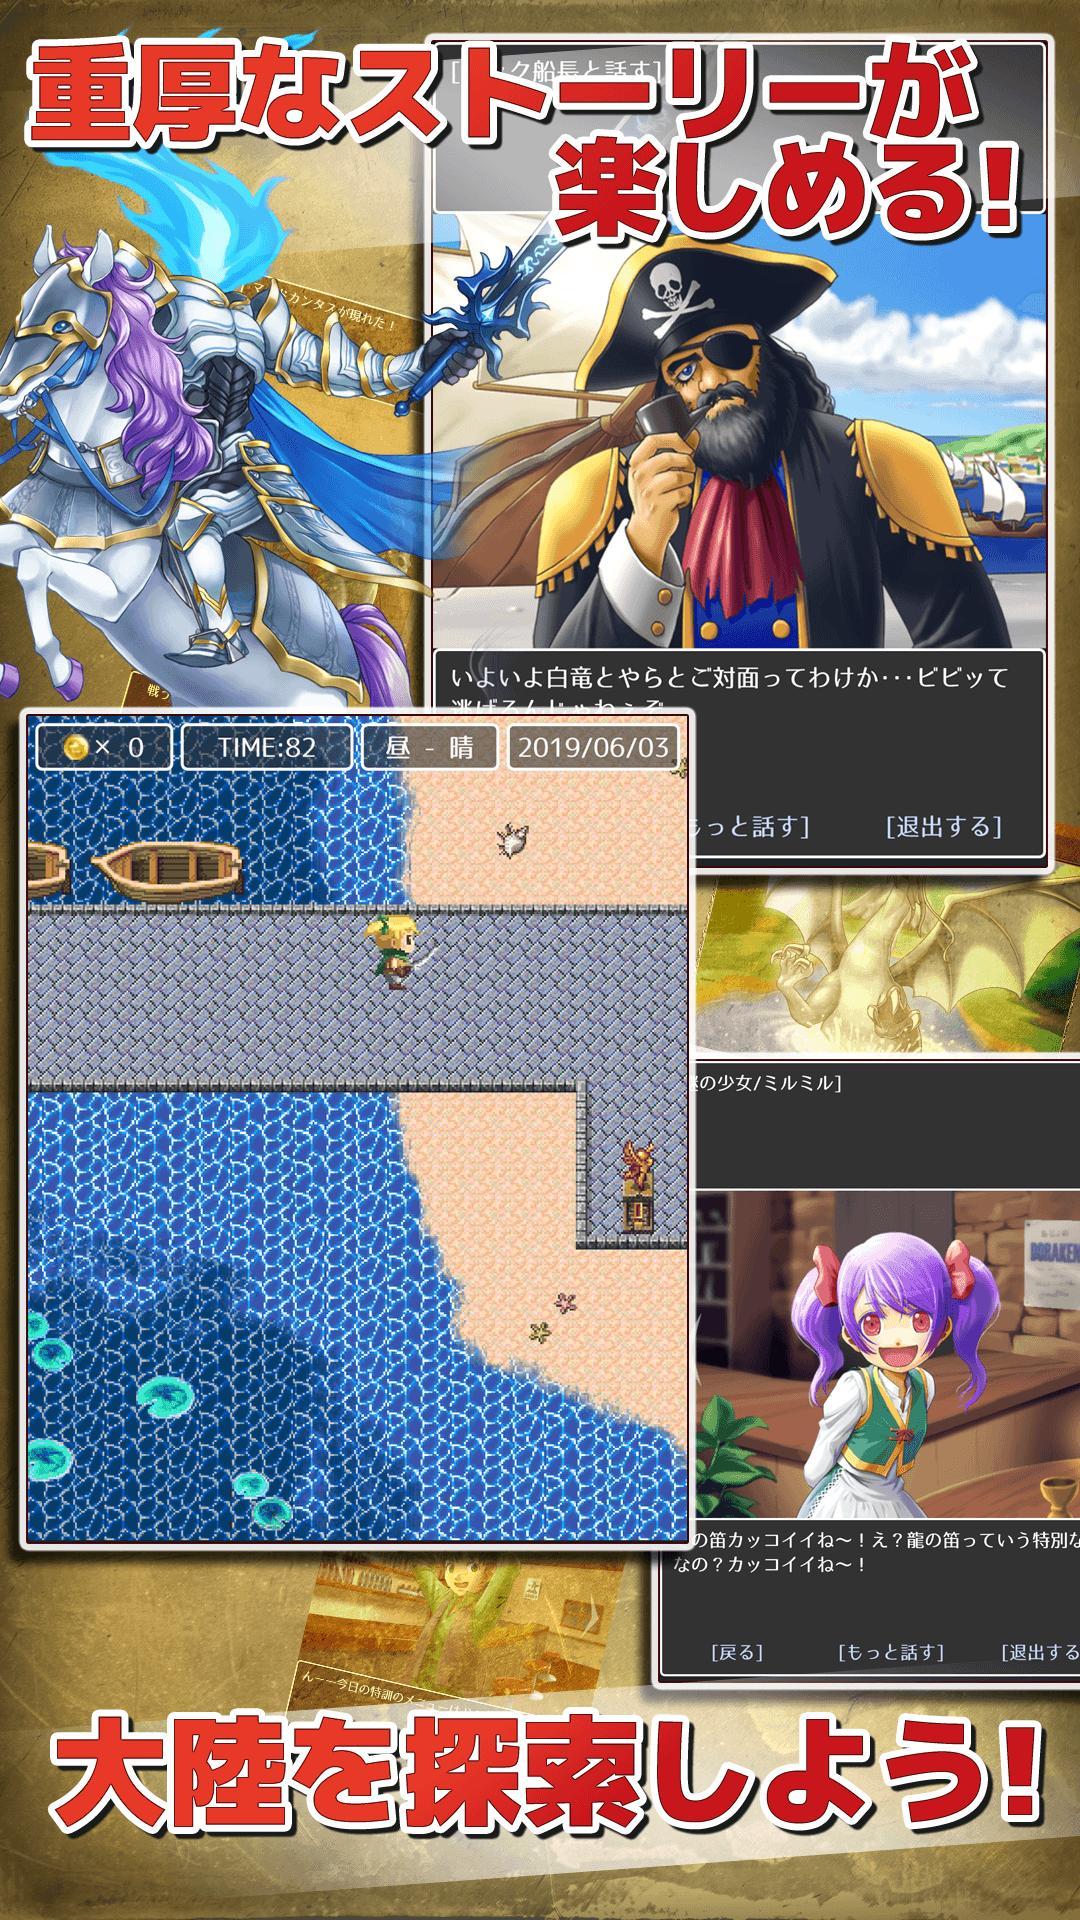 お小遣い×RPG☆RPGゲームでお小遣い稼ぎ!ポイント稼げるアプリ【Card RPG】 5.7.6 Screenshot 18